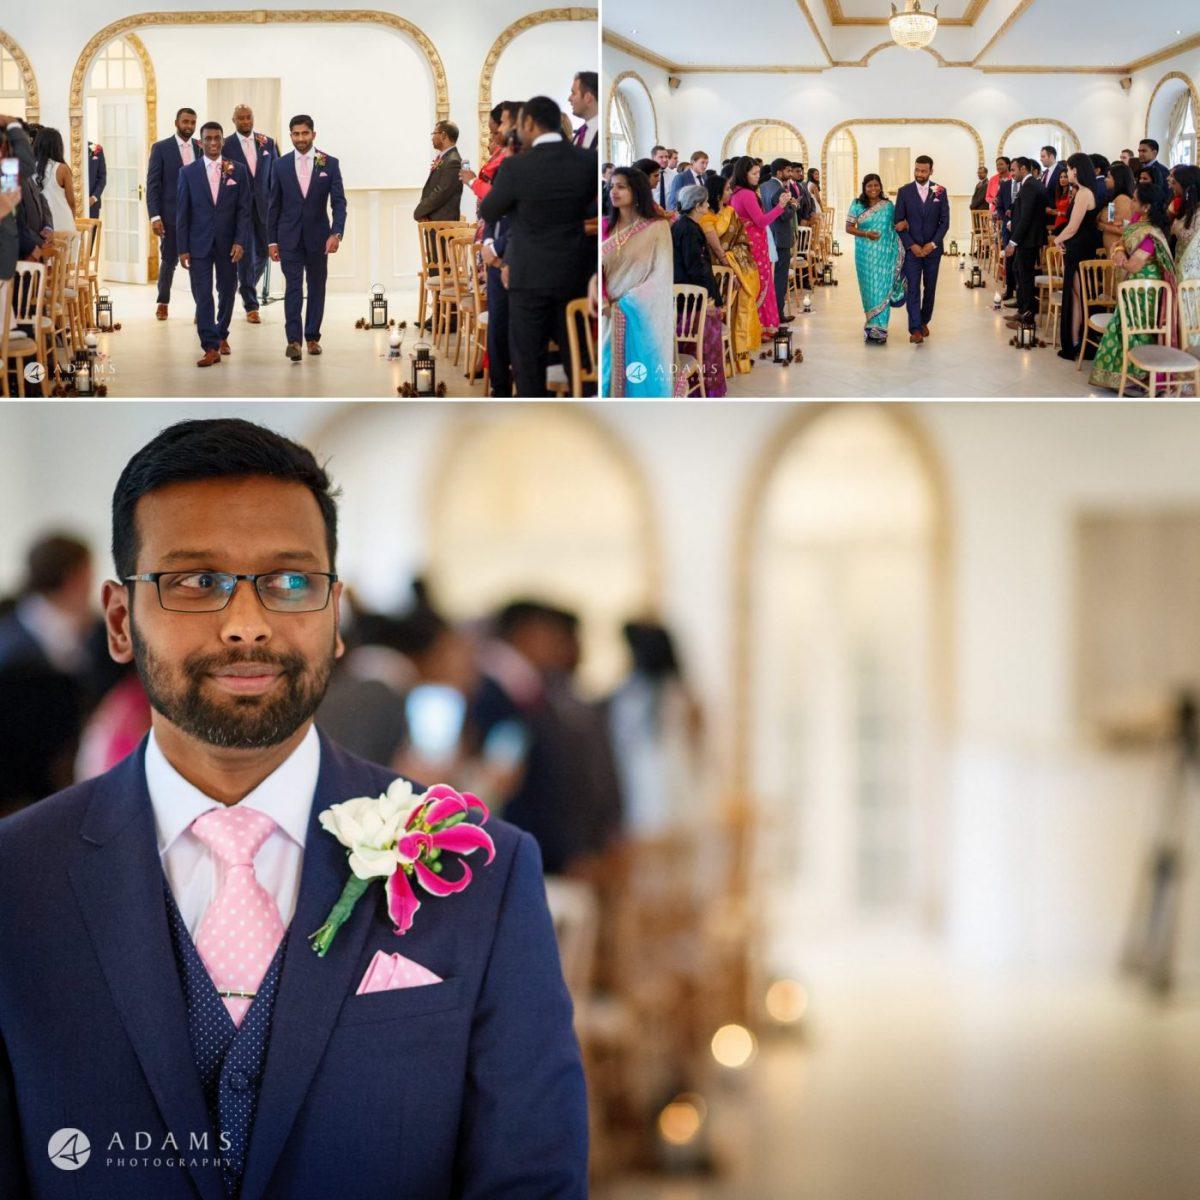 Northbrook Park Wedding Photography | Twa + Len 8